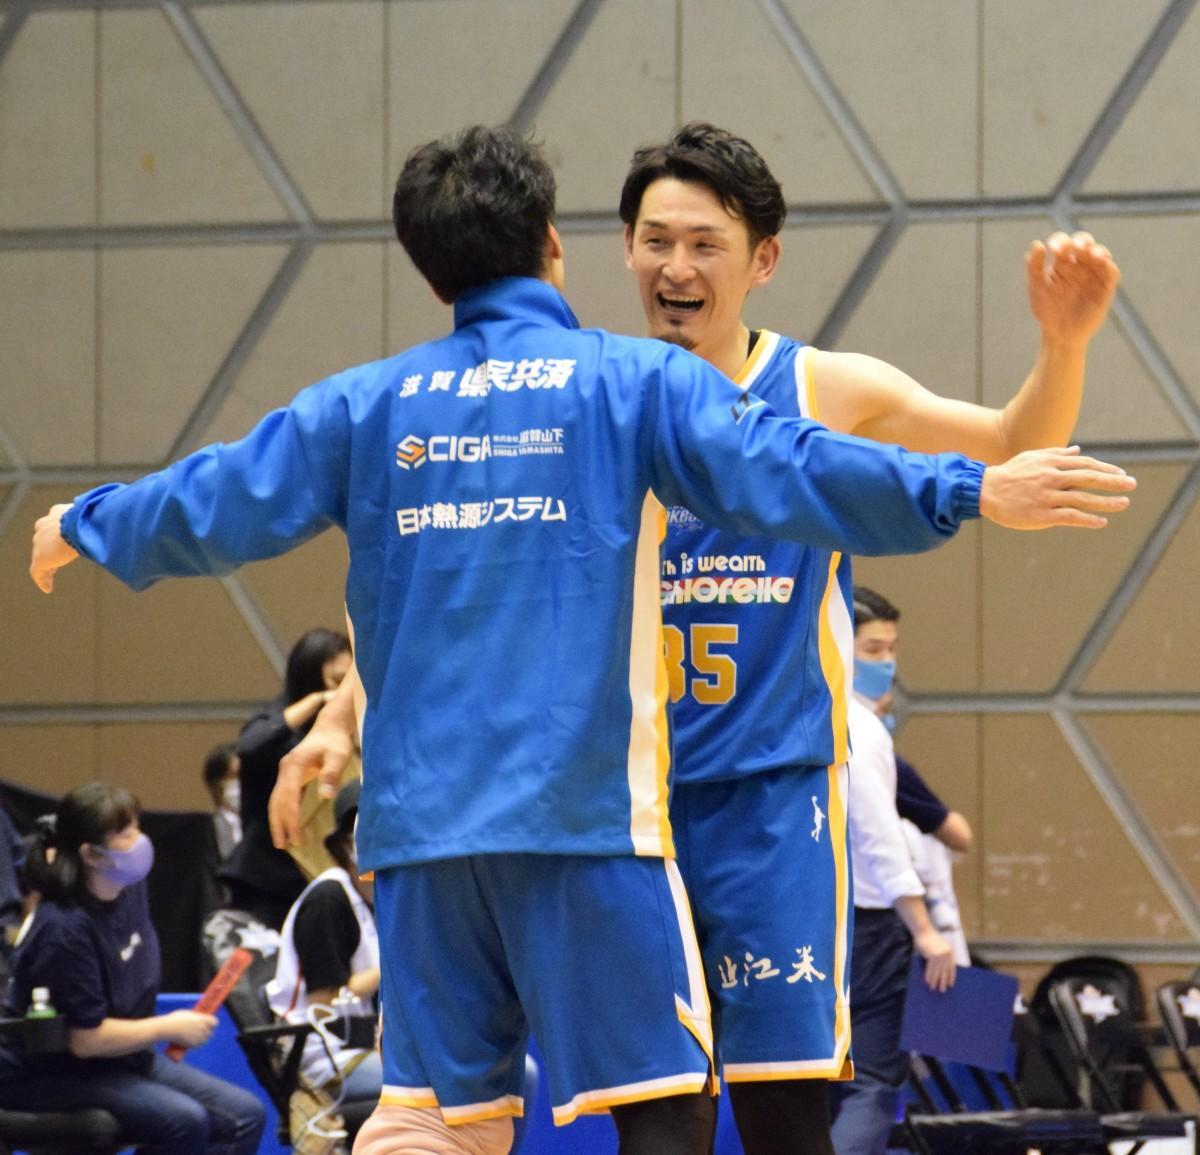 勝利の瞬間、抱き合う伊藤大司選手と狩俣昌也選手